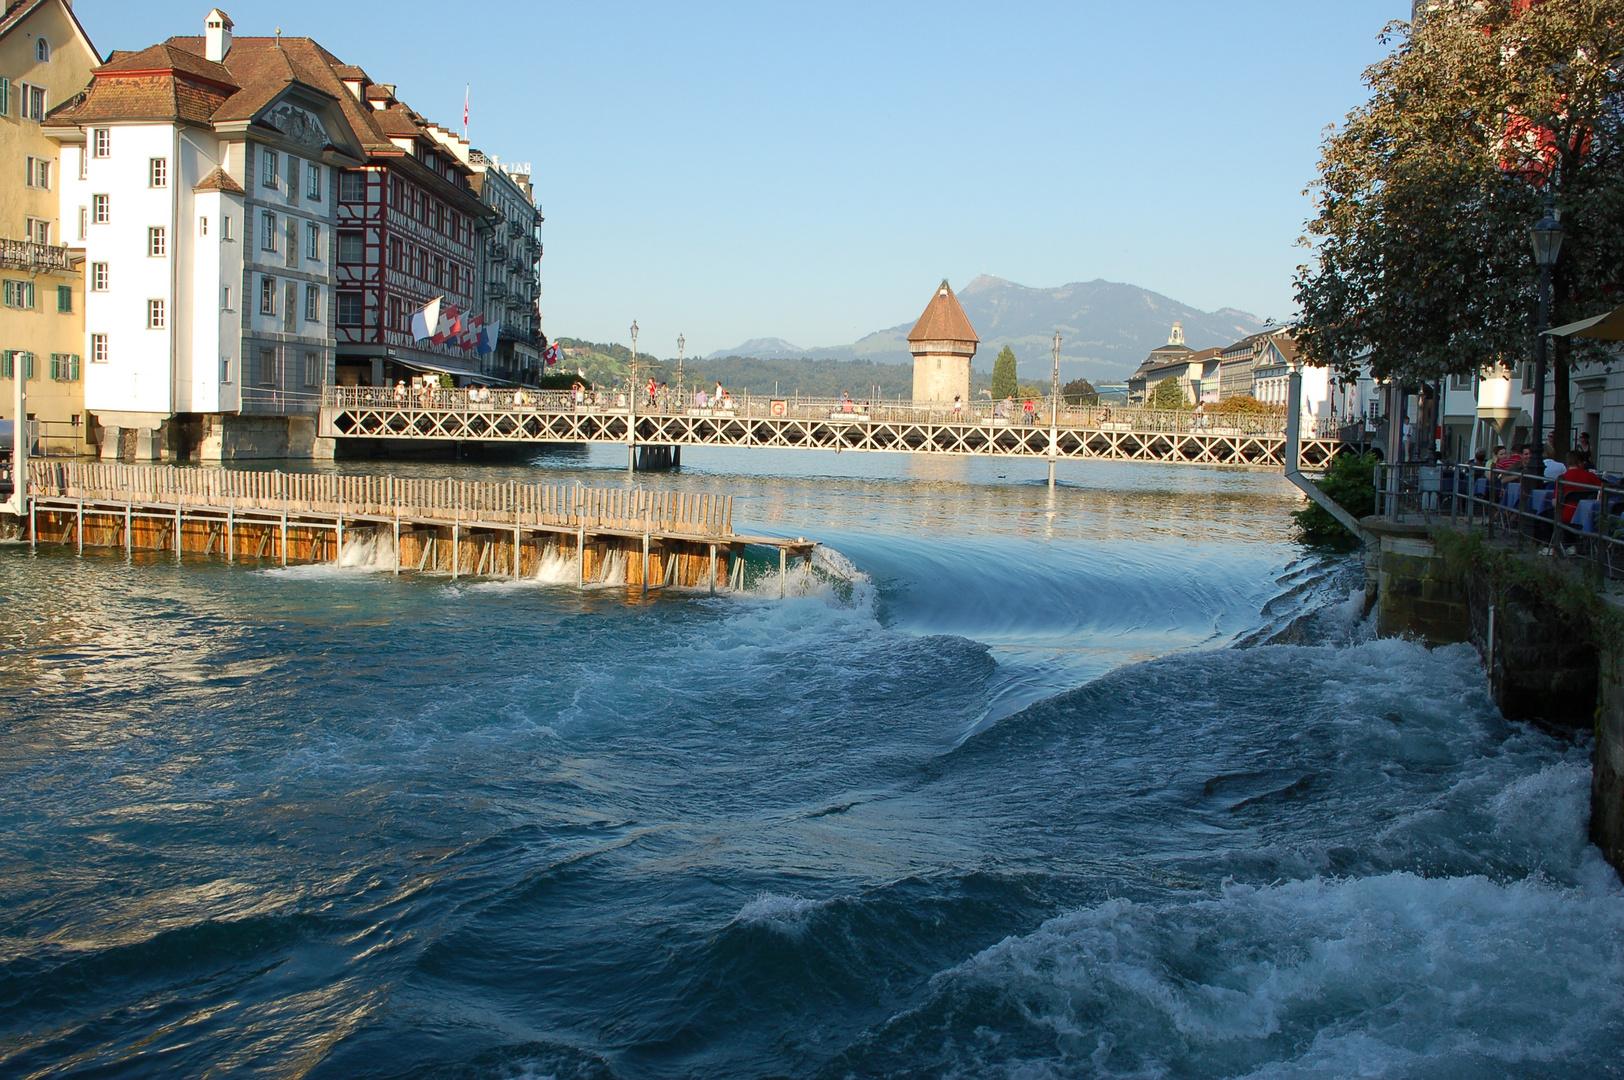 Luzern am Vierwaldstätter See vom Fluss Reuss mit Kapellbrücke im Hintergrund (2011)